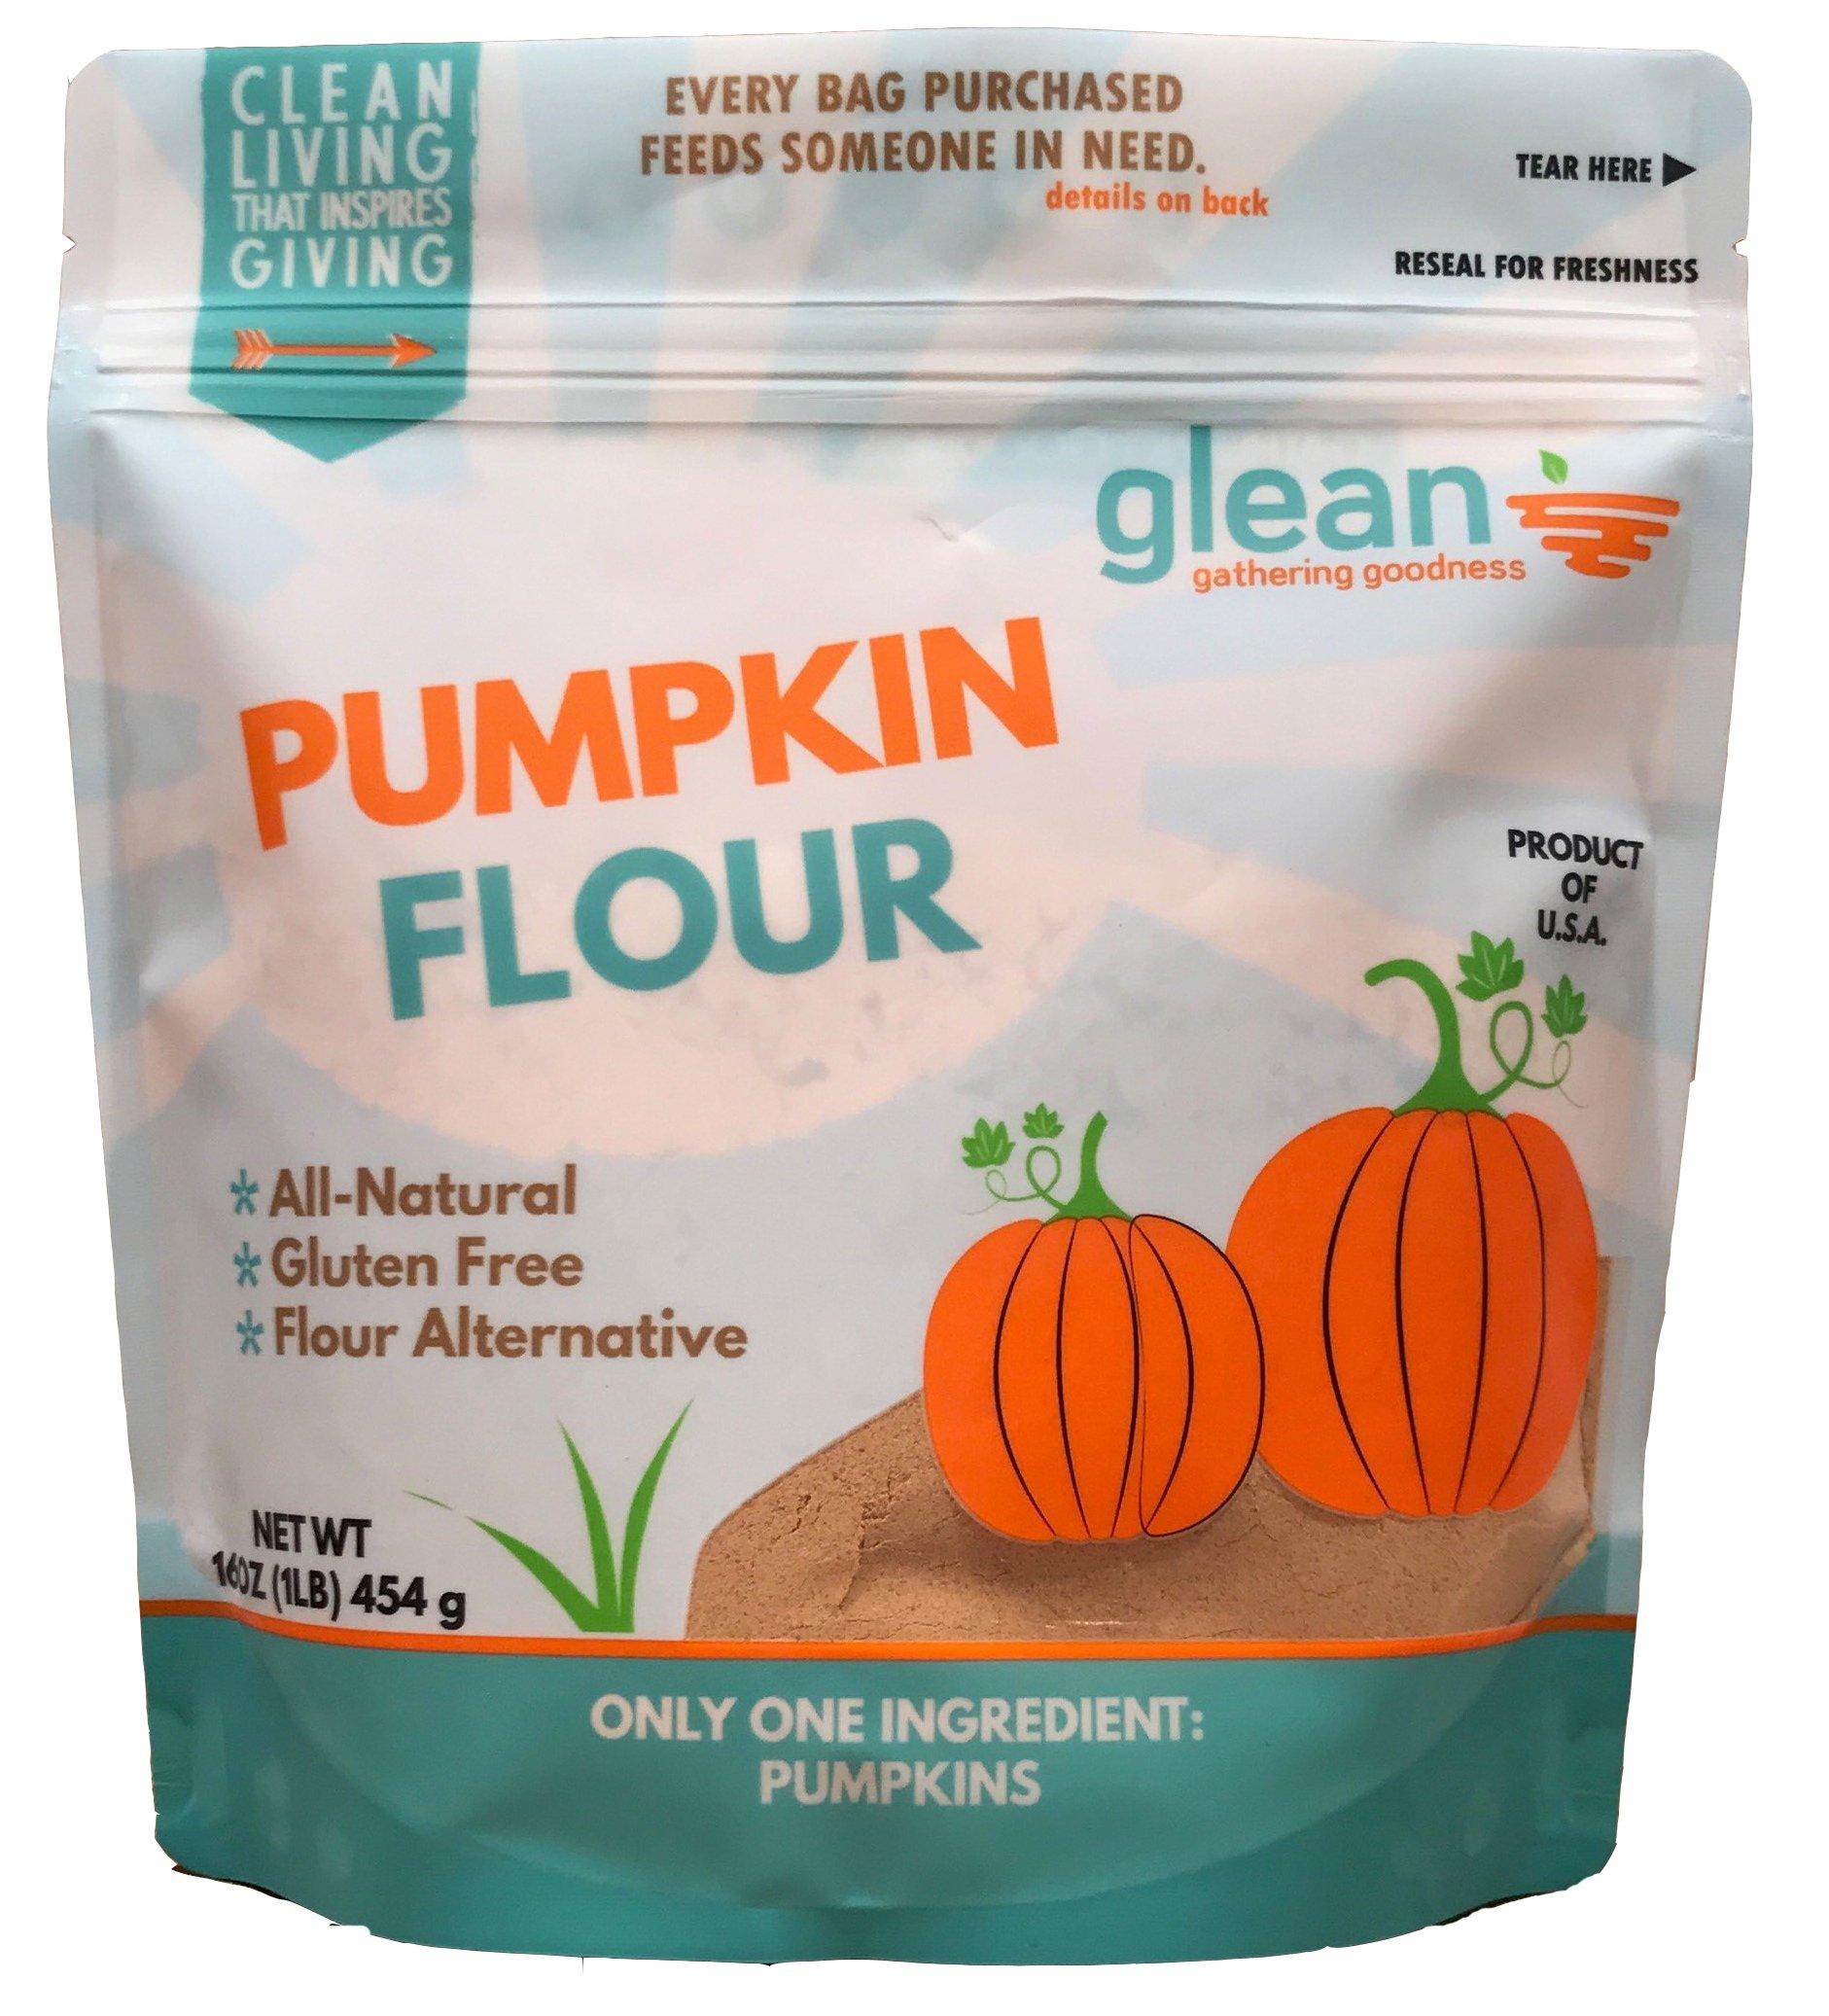 Glean Pumpkin Flour, 16oz. - Gluten Free/Paleo by Glean, LLC